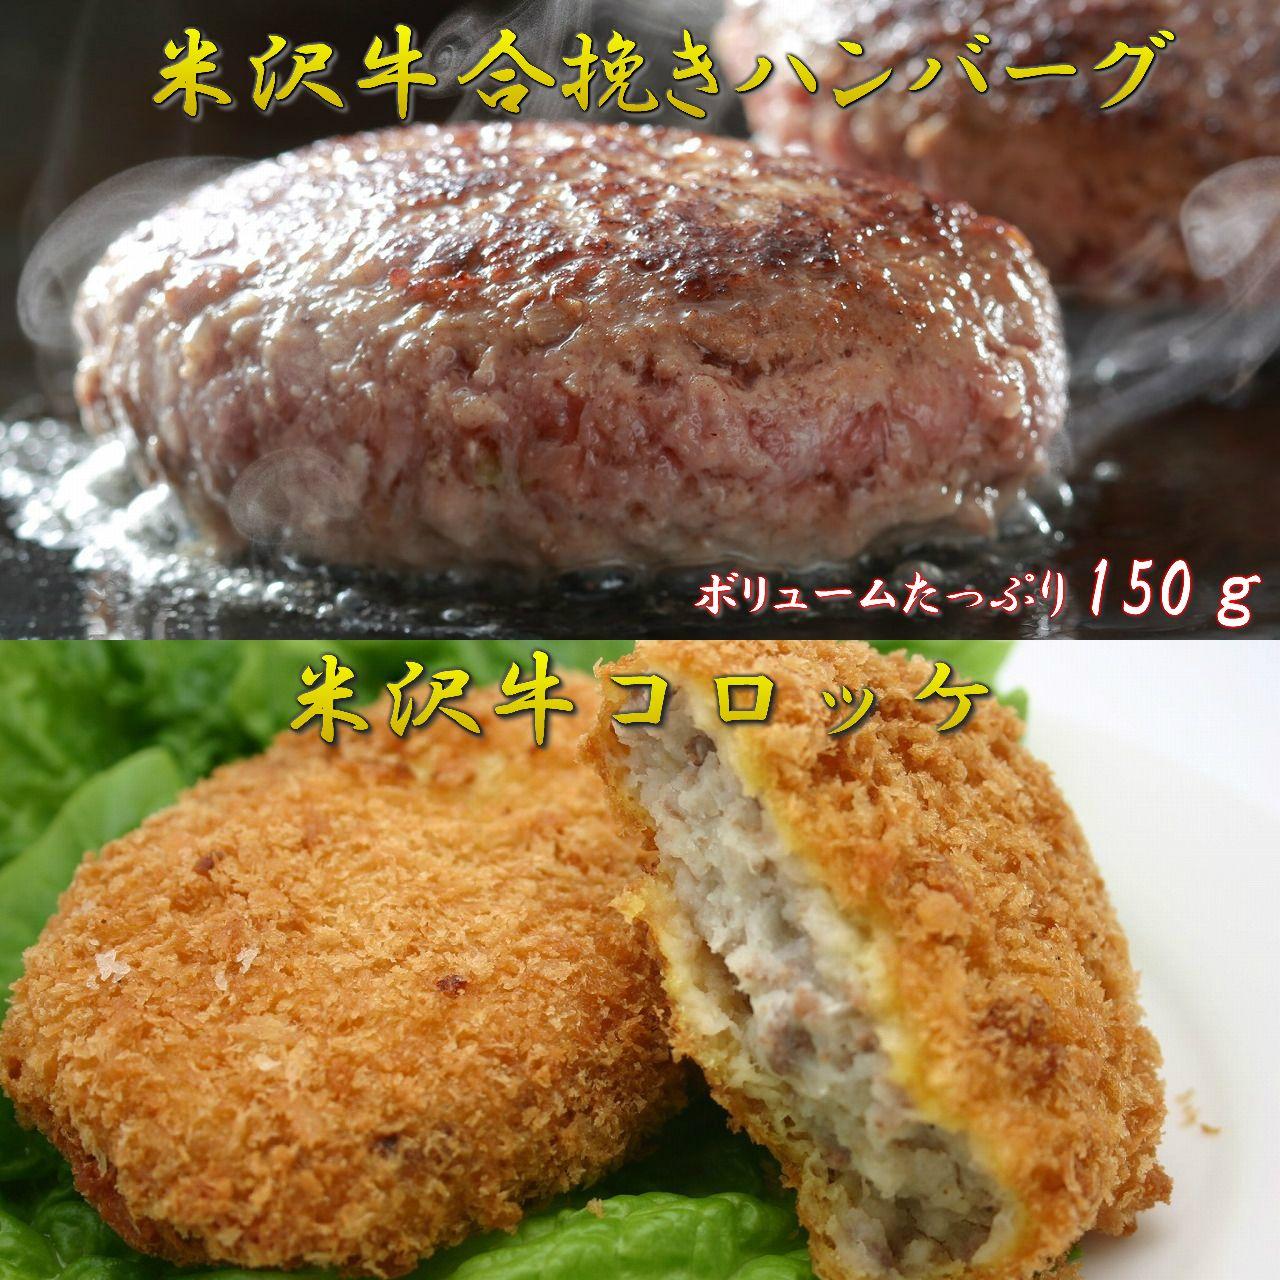 米沢牛ハンバーグ(合挽き)と米沢牛コロッケのセット画像